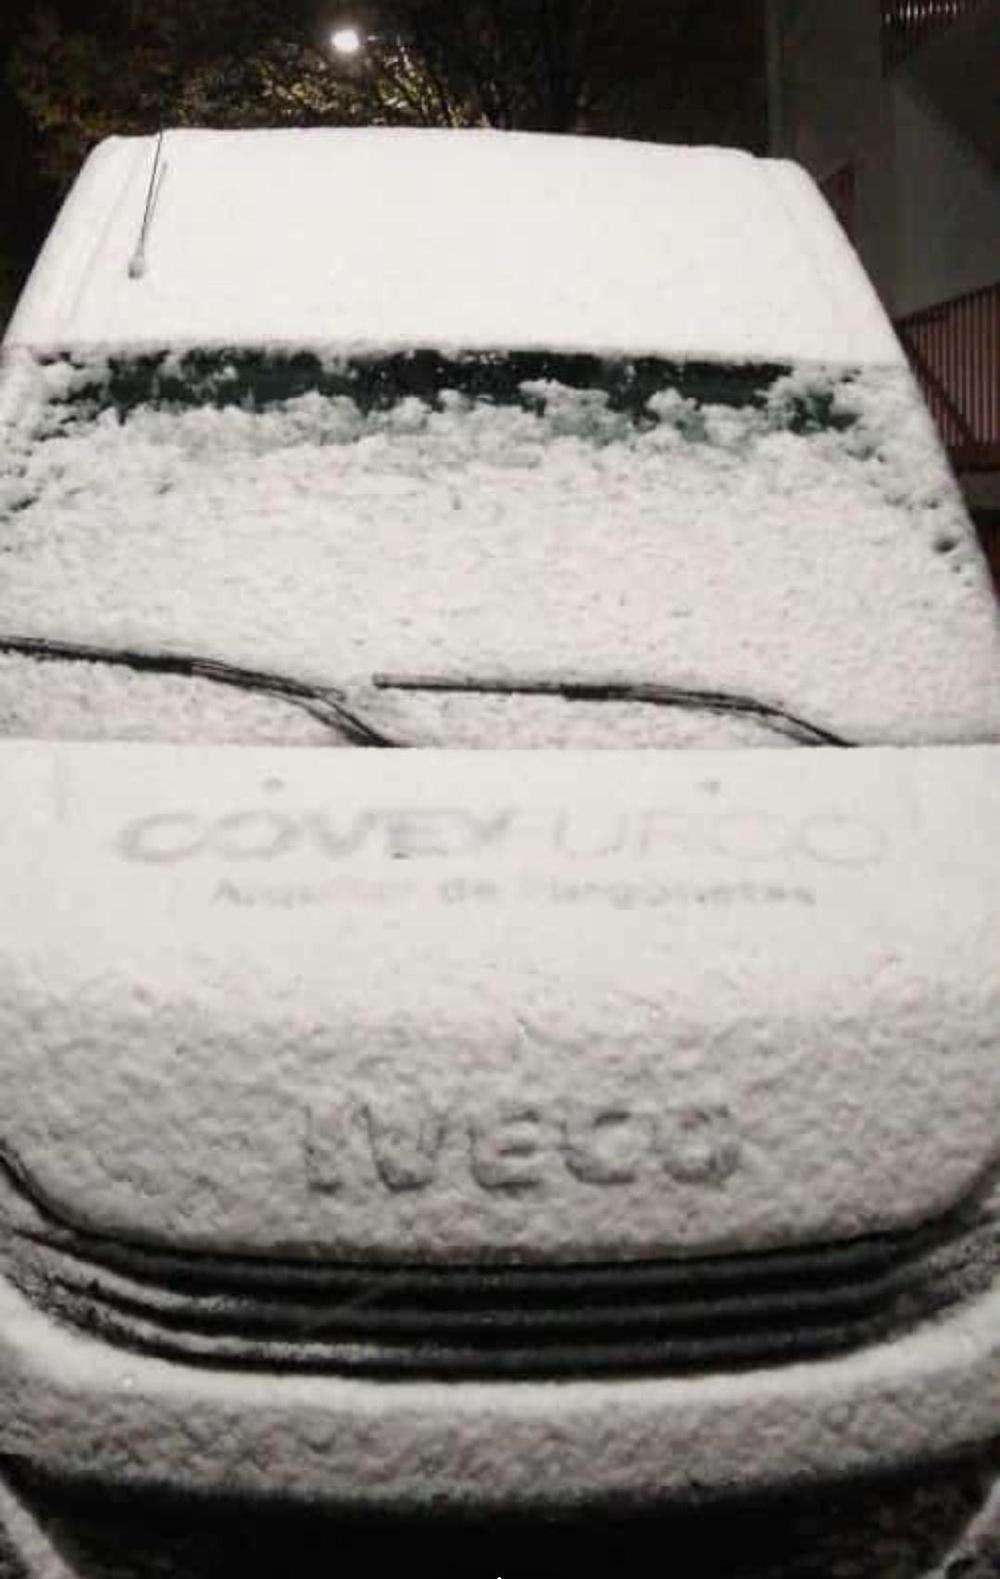 Nieve acumulada en un vehículo en El Espinar